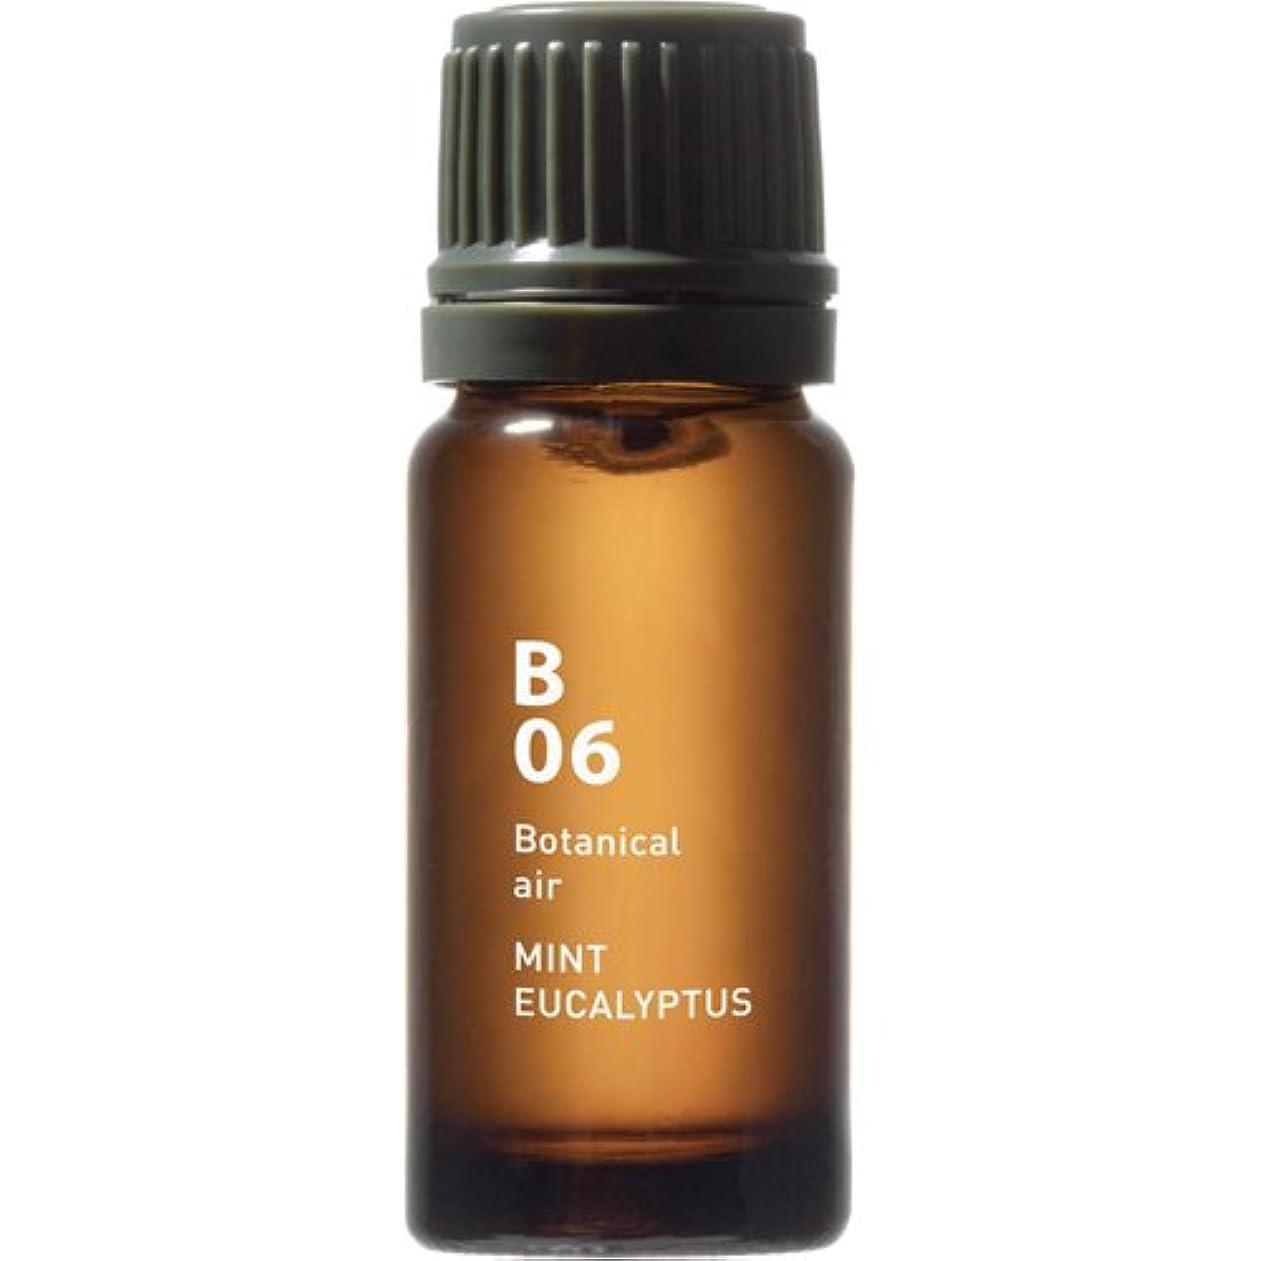 マンモス非難する交流するB06 ミントユーカリ Botanical air(ボタニカルエアー) 10ml